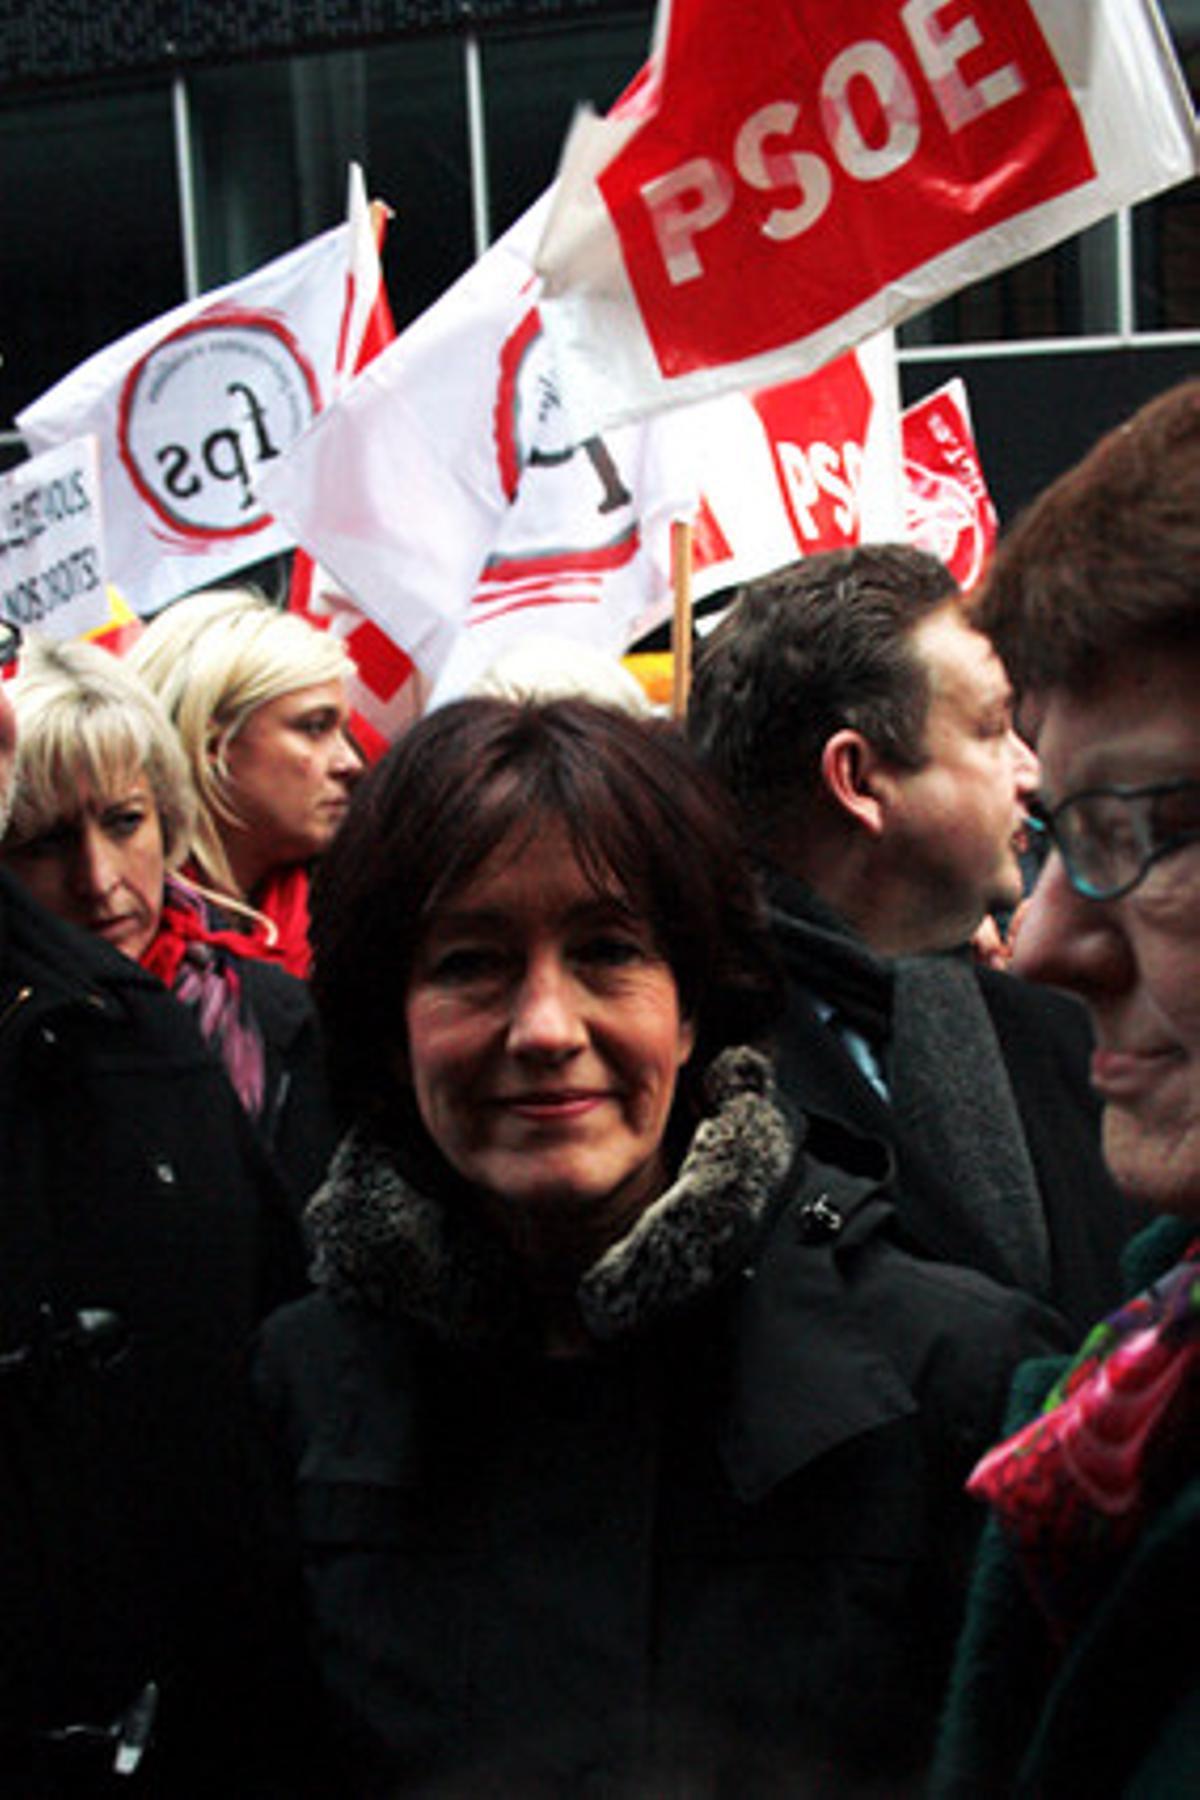 Aspecto de la manifestación frente a la embajada española contra la reforma de la ley del aborto, este miércoles.